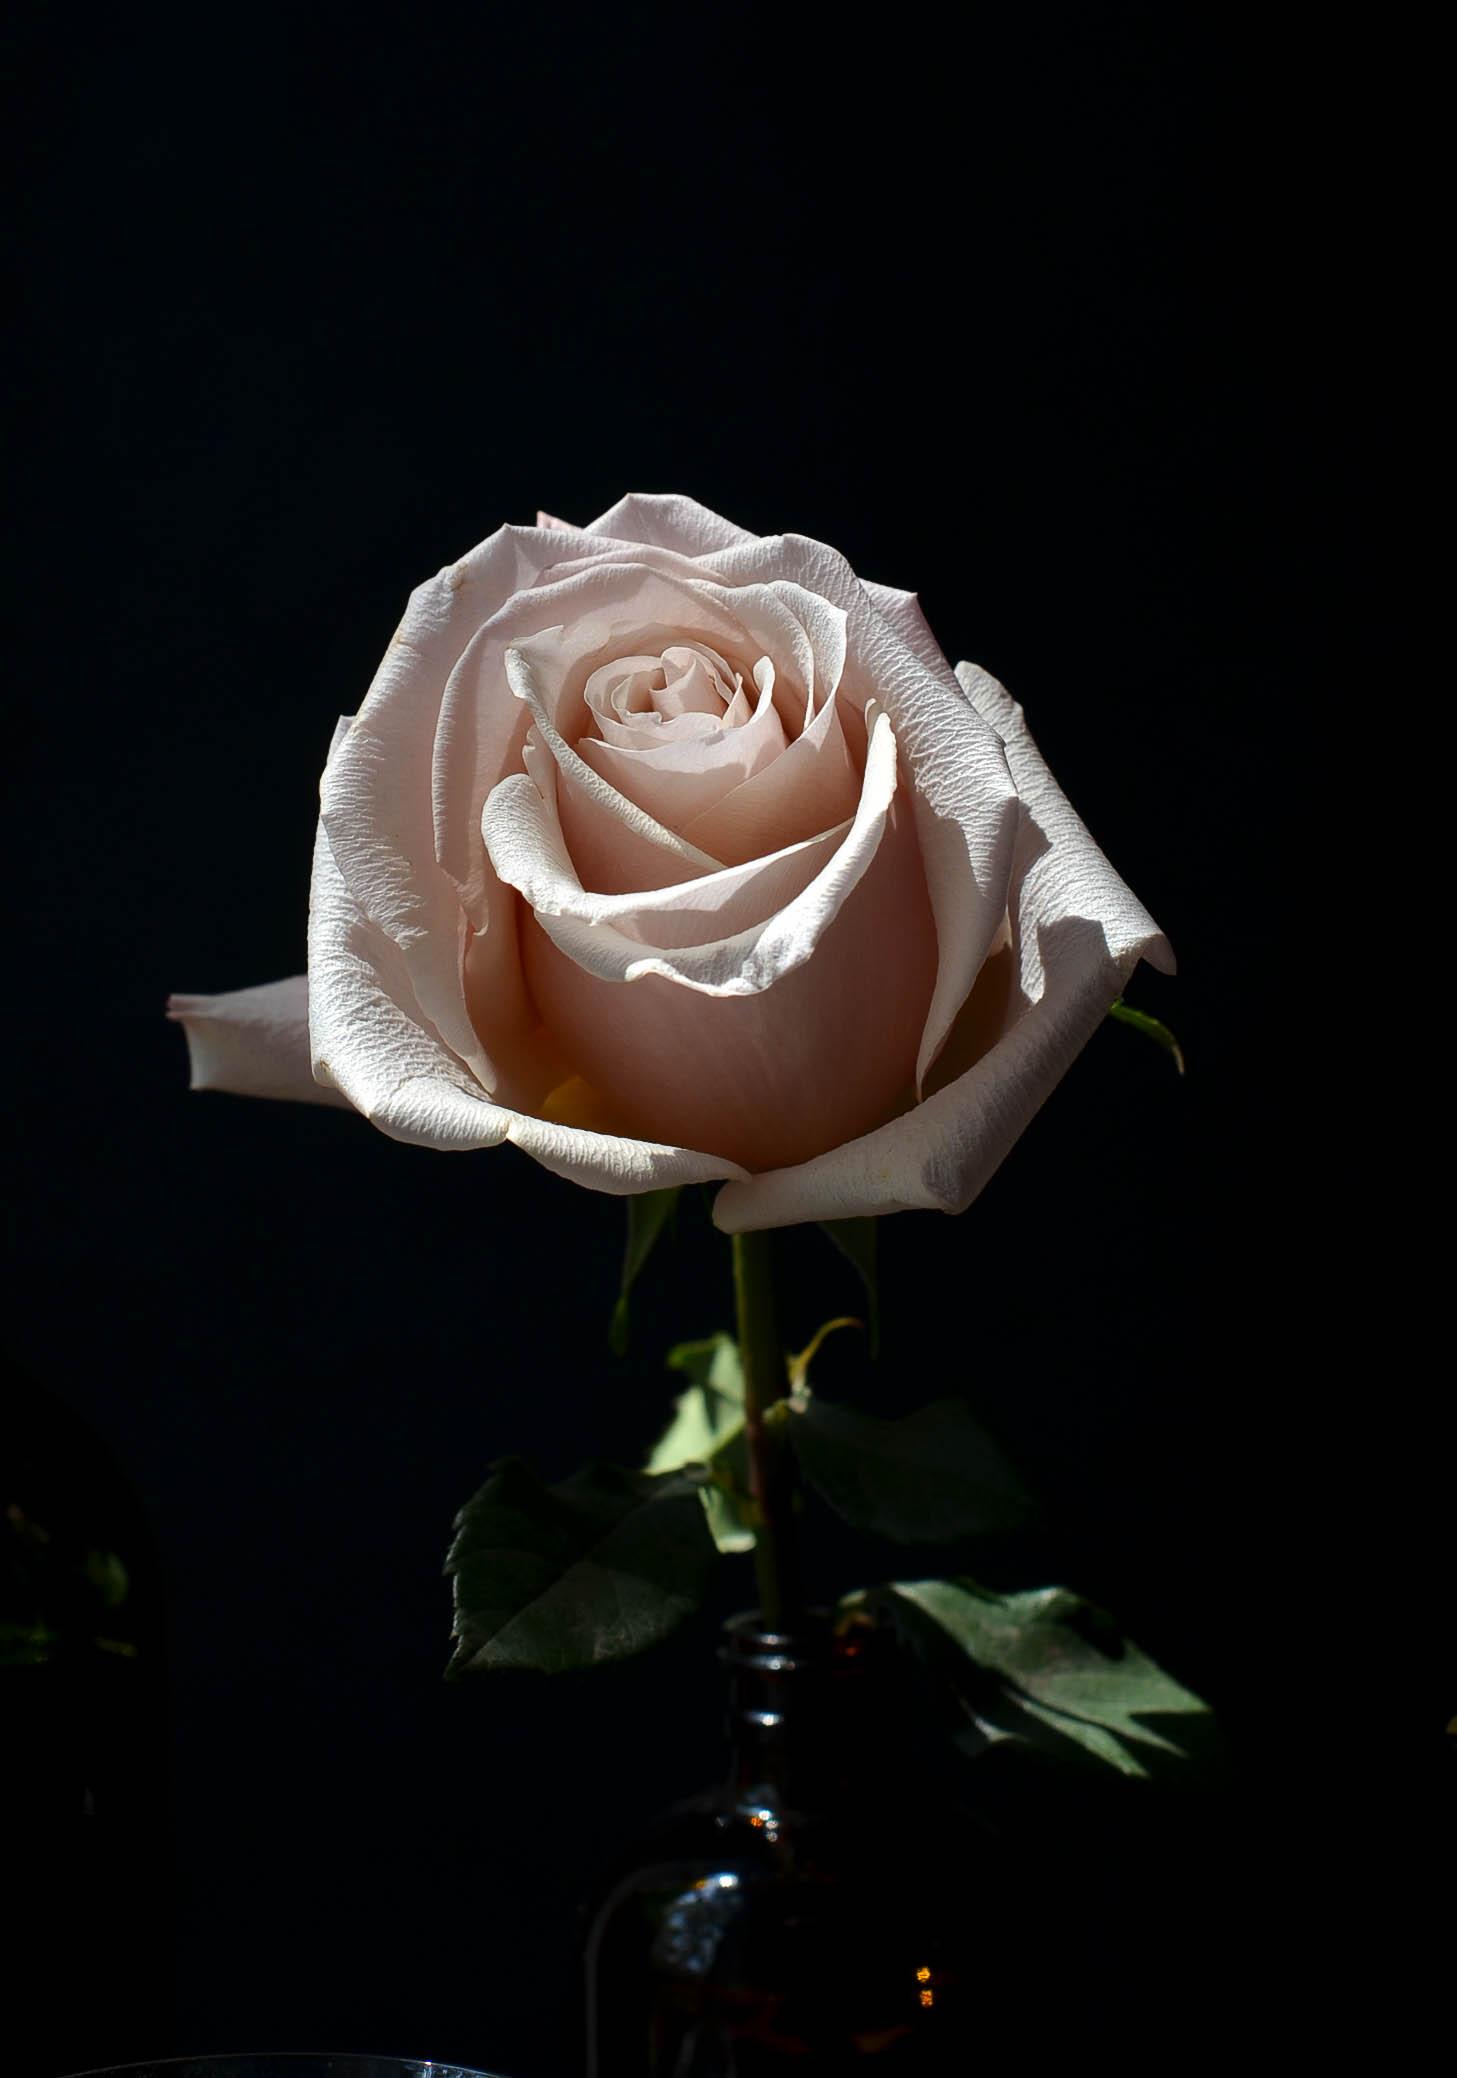 ROSE & IVY JOURNAL PLUM & ROSE TART